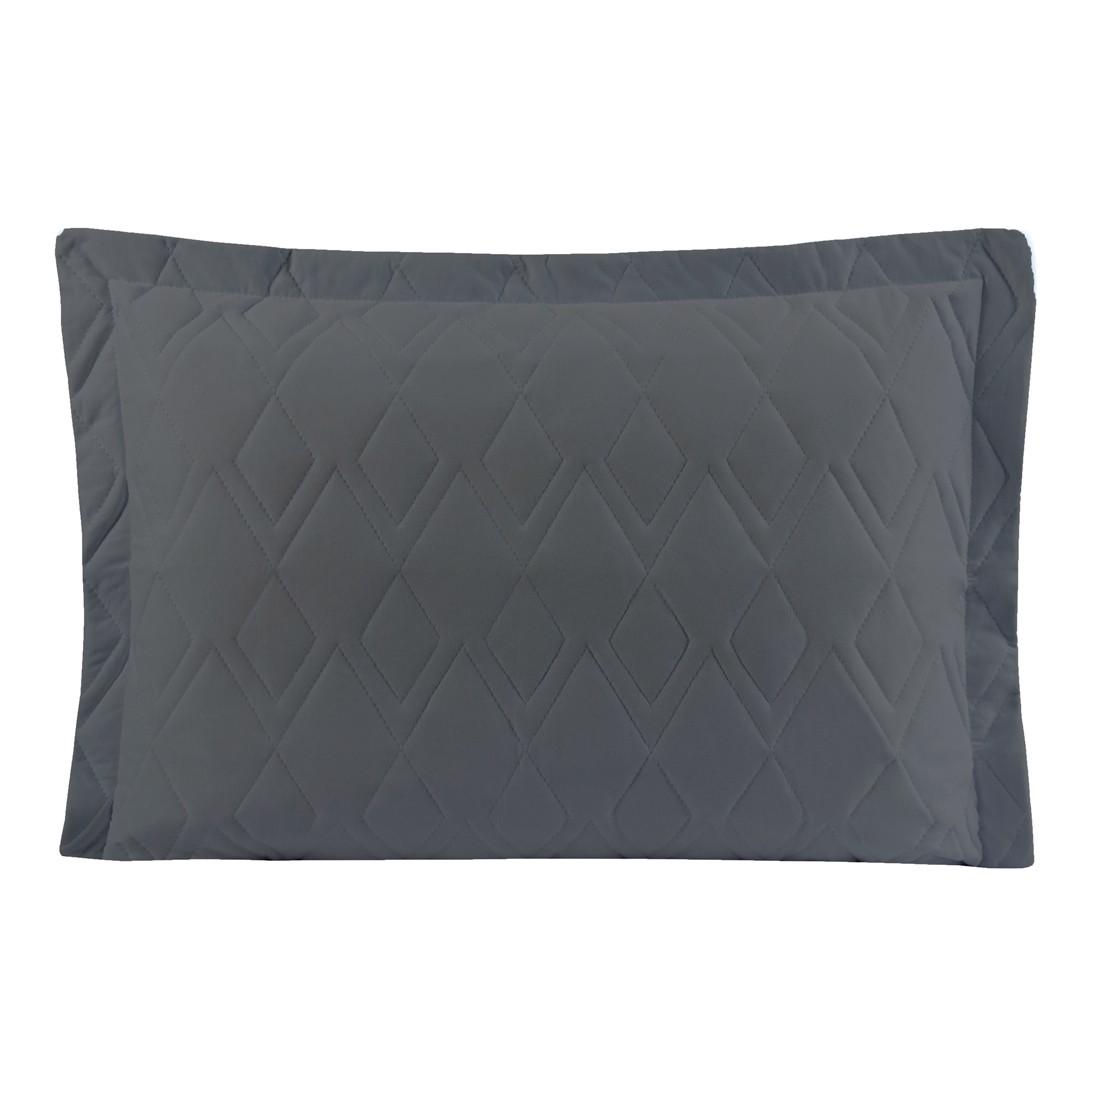 Porta Travesseiro Avulso Chumbo em Malha 100% Algodão 150g/m2